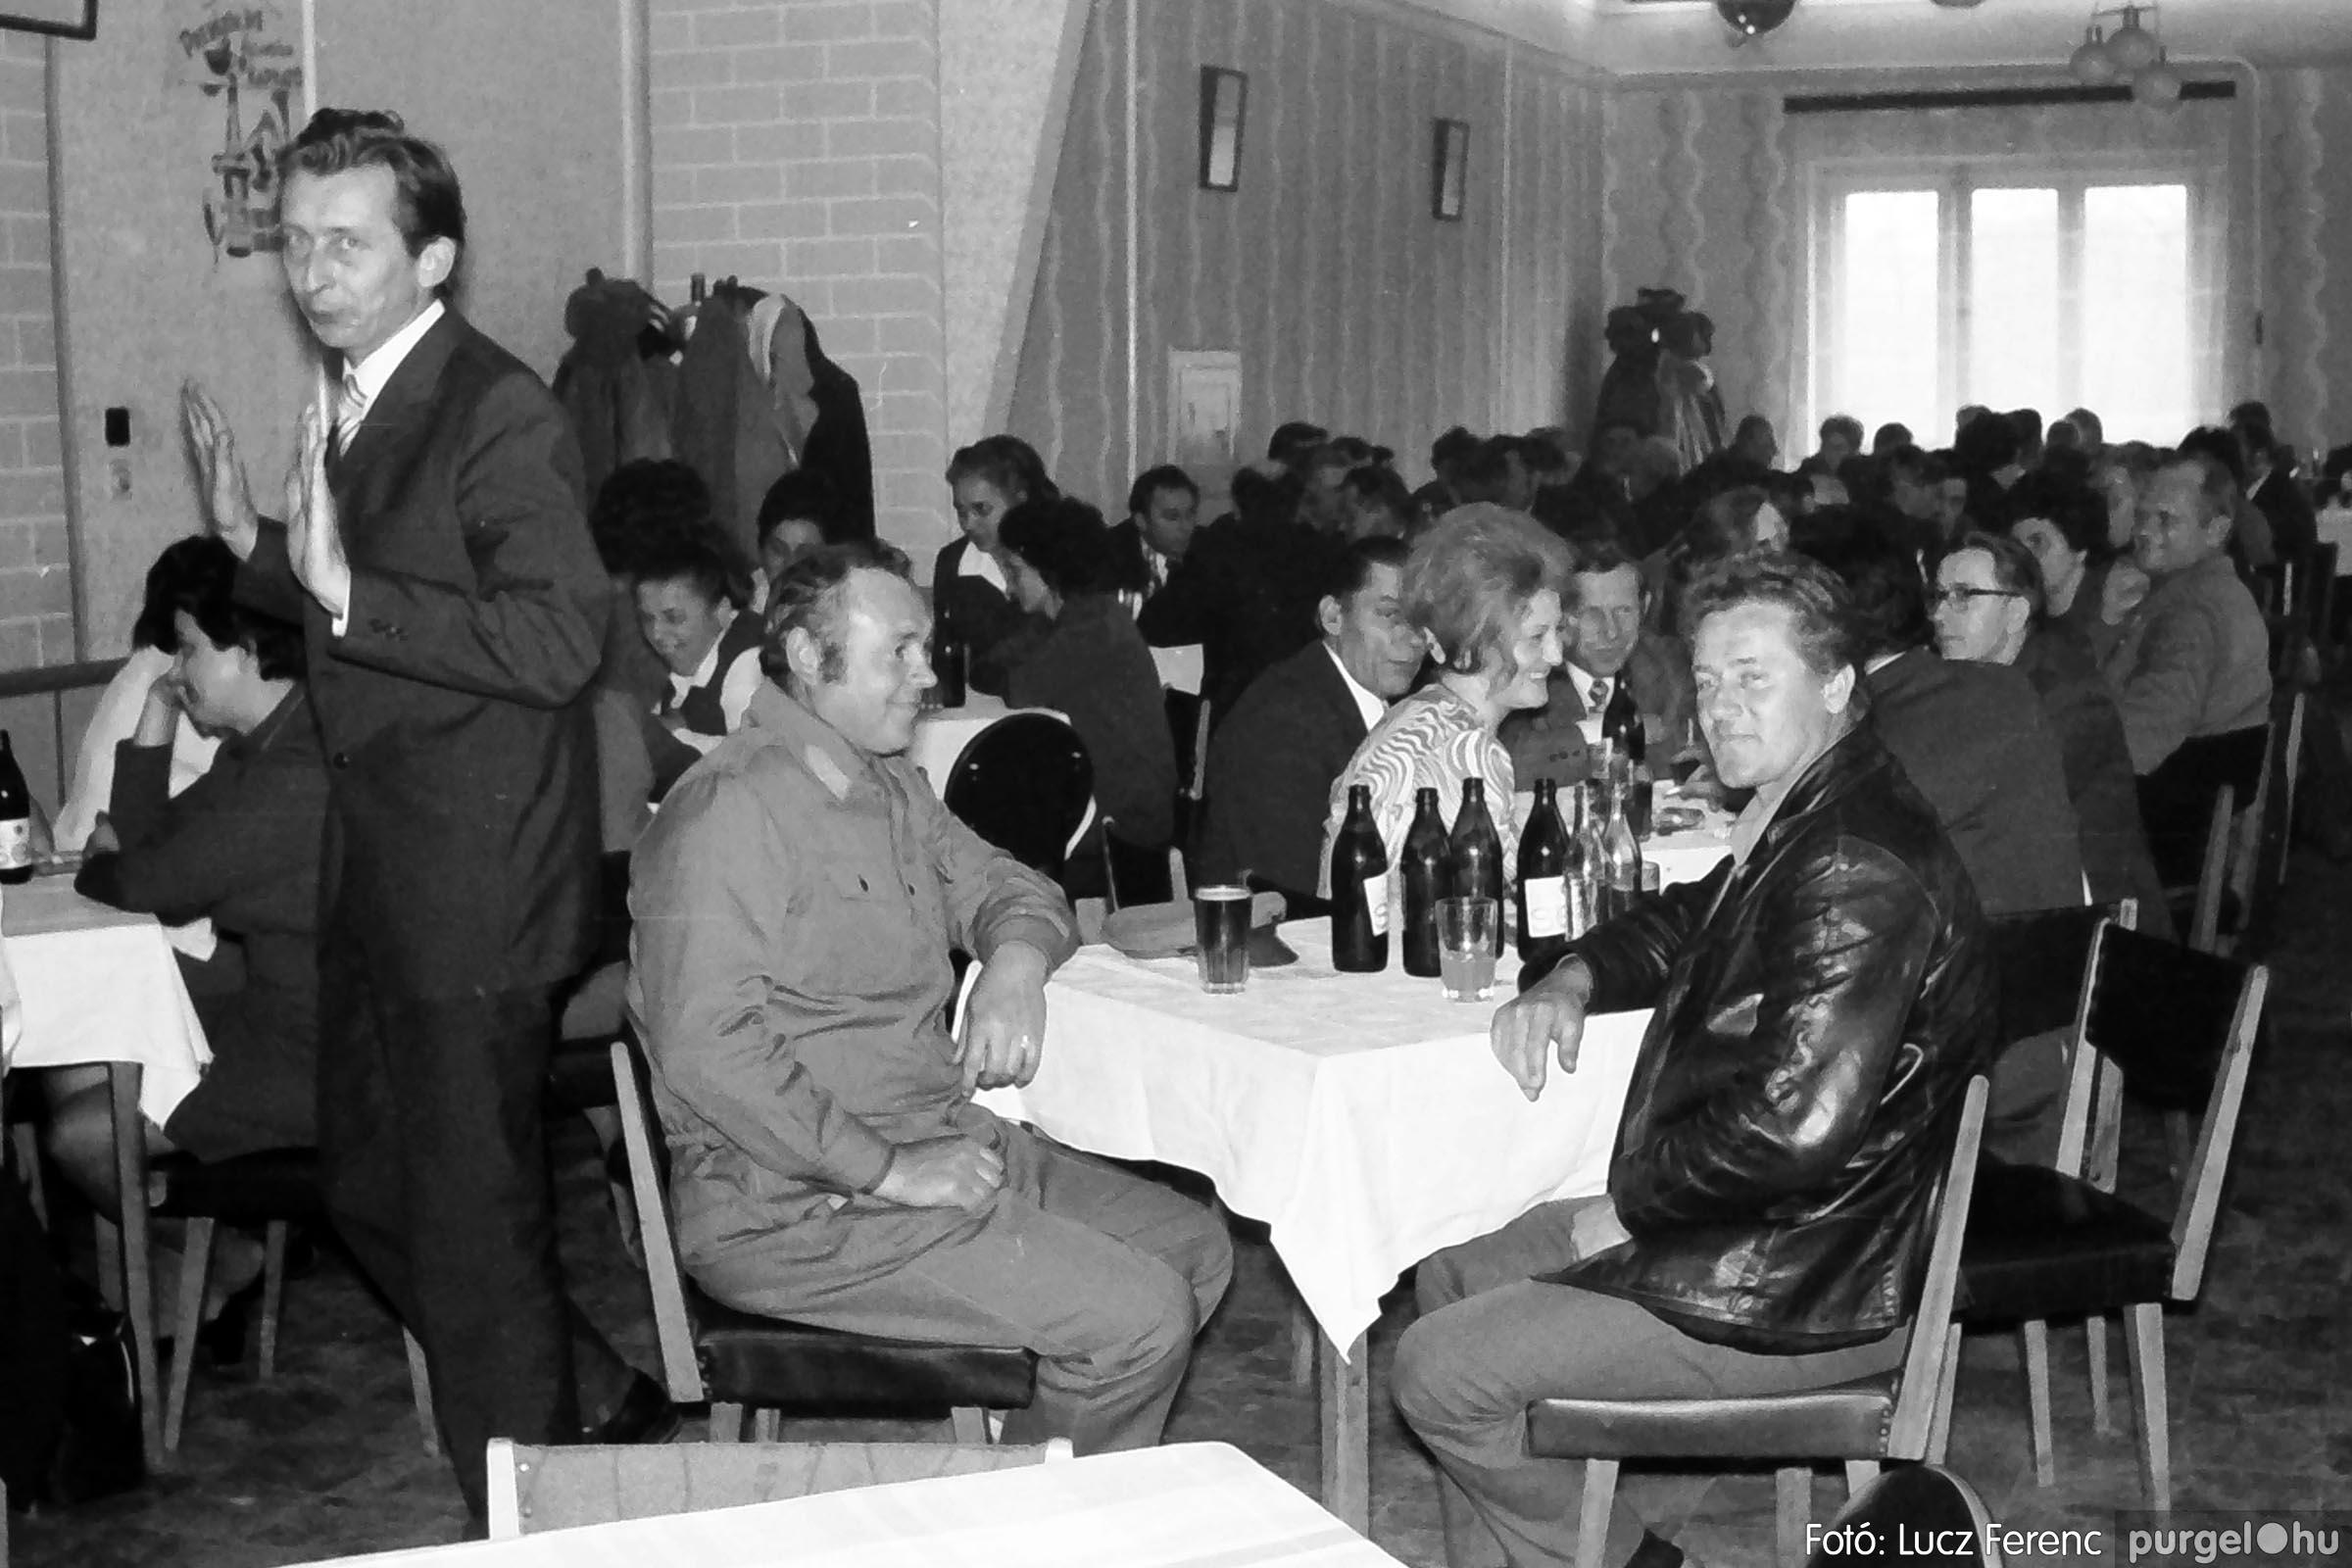 009 1975.04.04. Április 4-i ünnepség utáni fogadás a vendéglőben 007 - Fotó: Lucz Ferenc IMG00178q.jpg